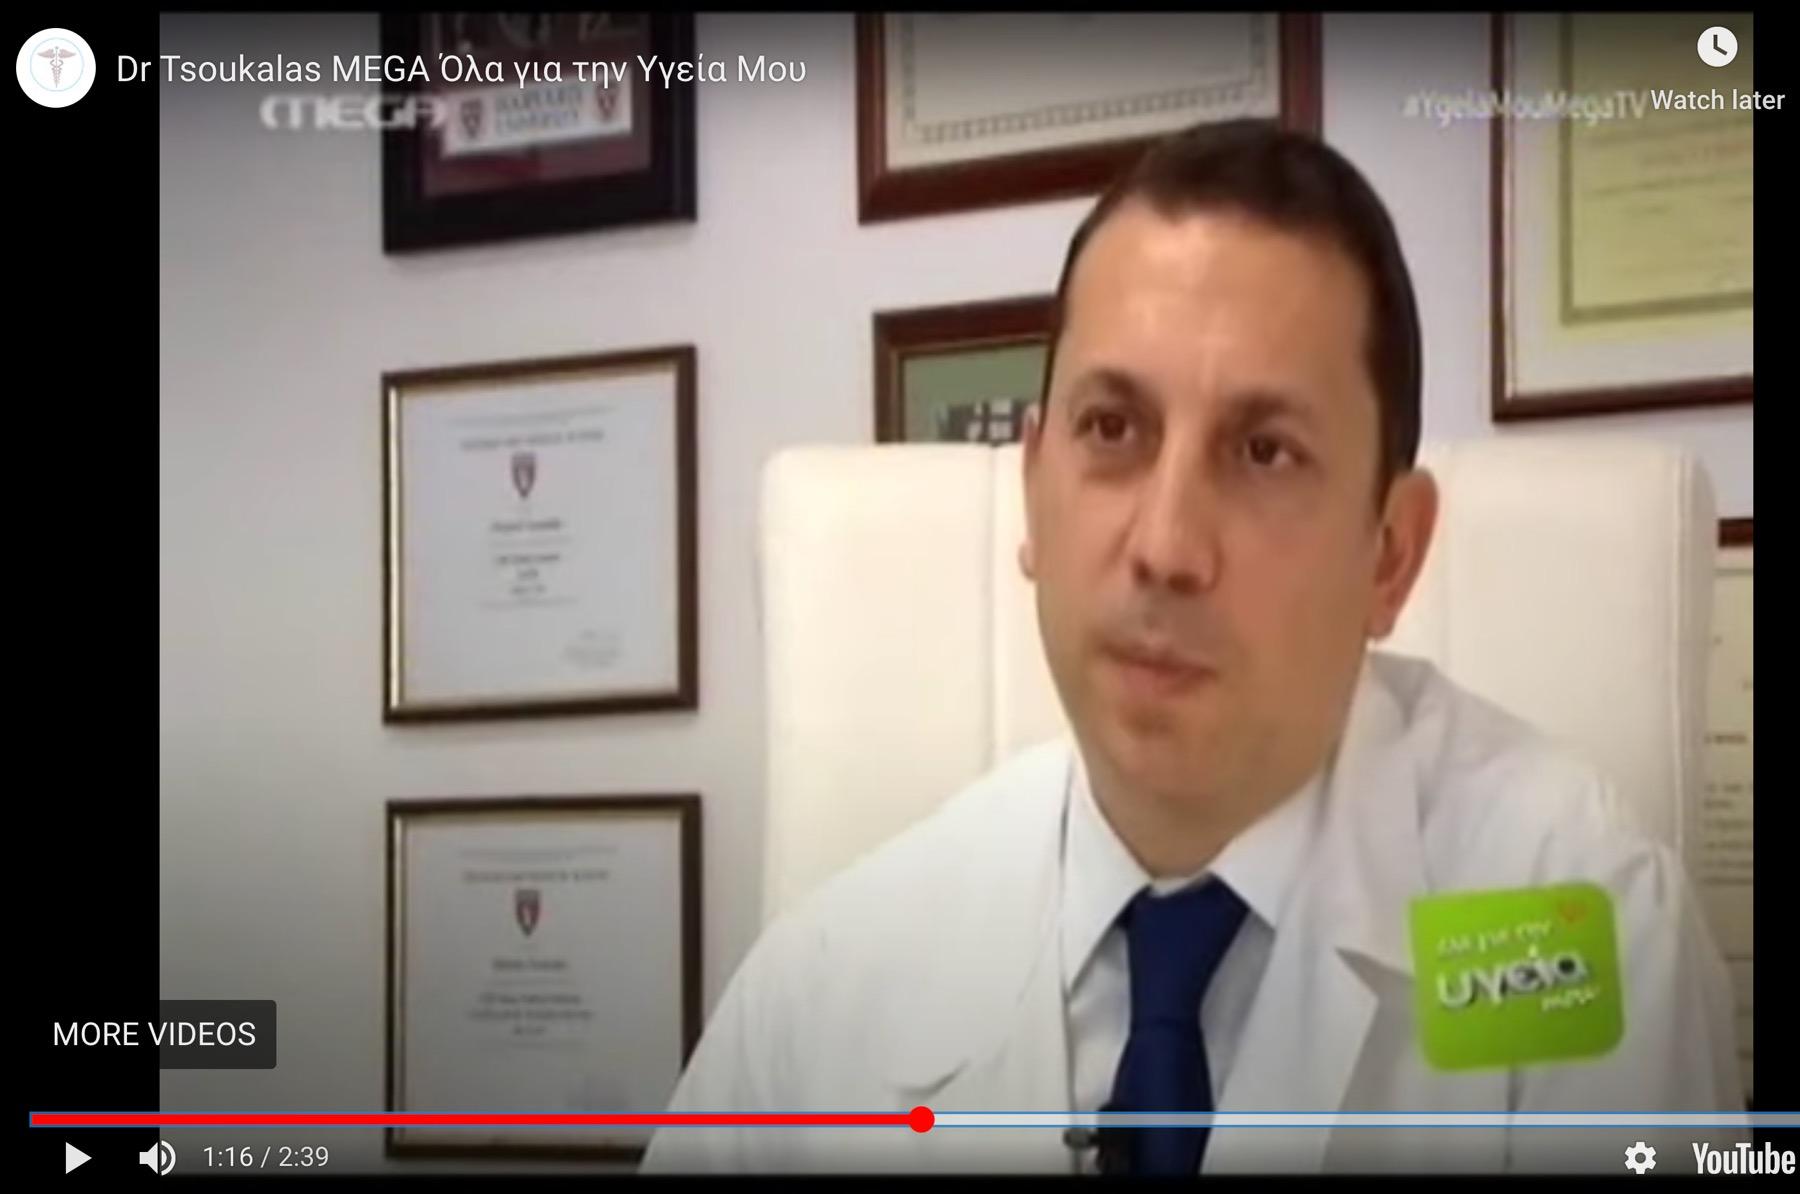 O Dr. Τσουκαλάς στο MEGA αναφέρεται στις Κρυφές Φλεγμονές